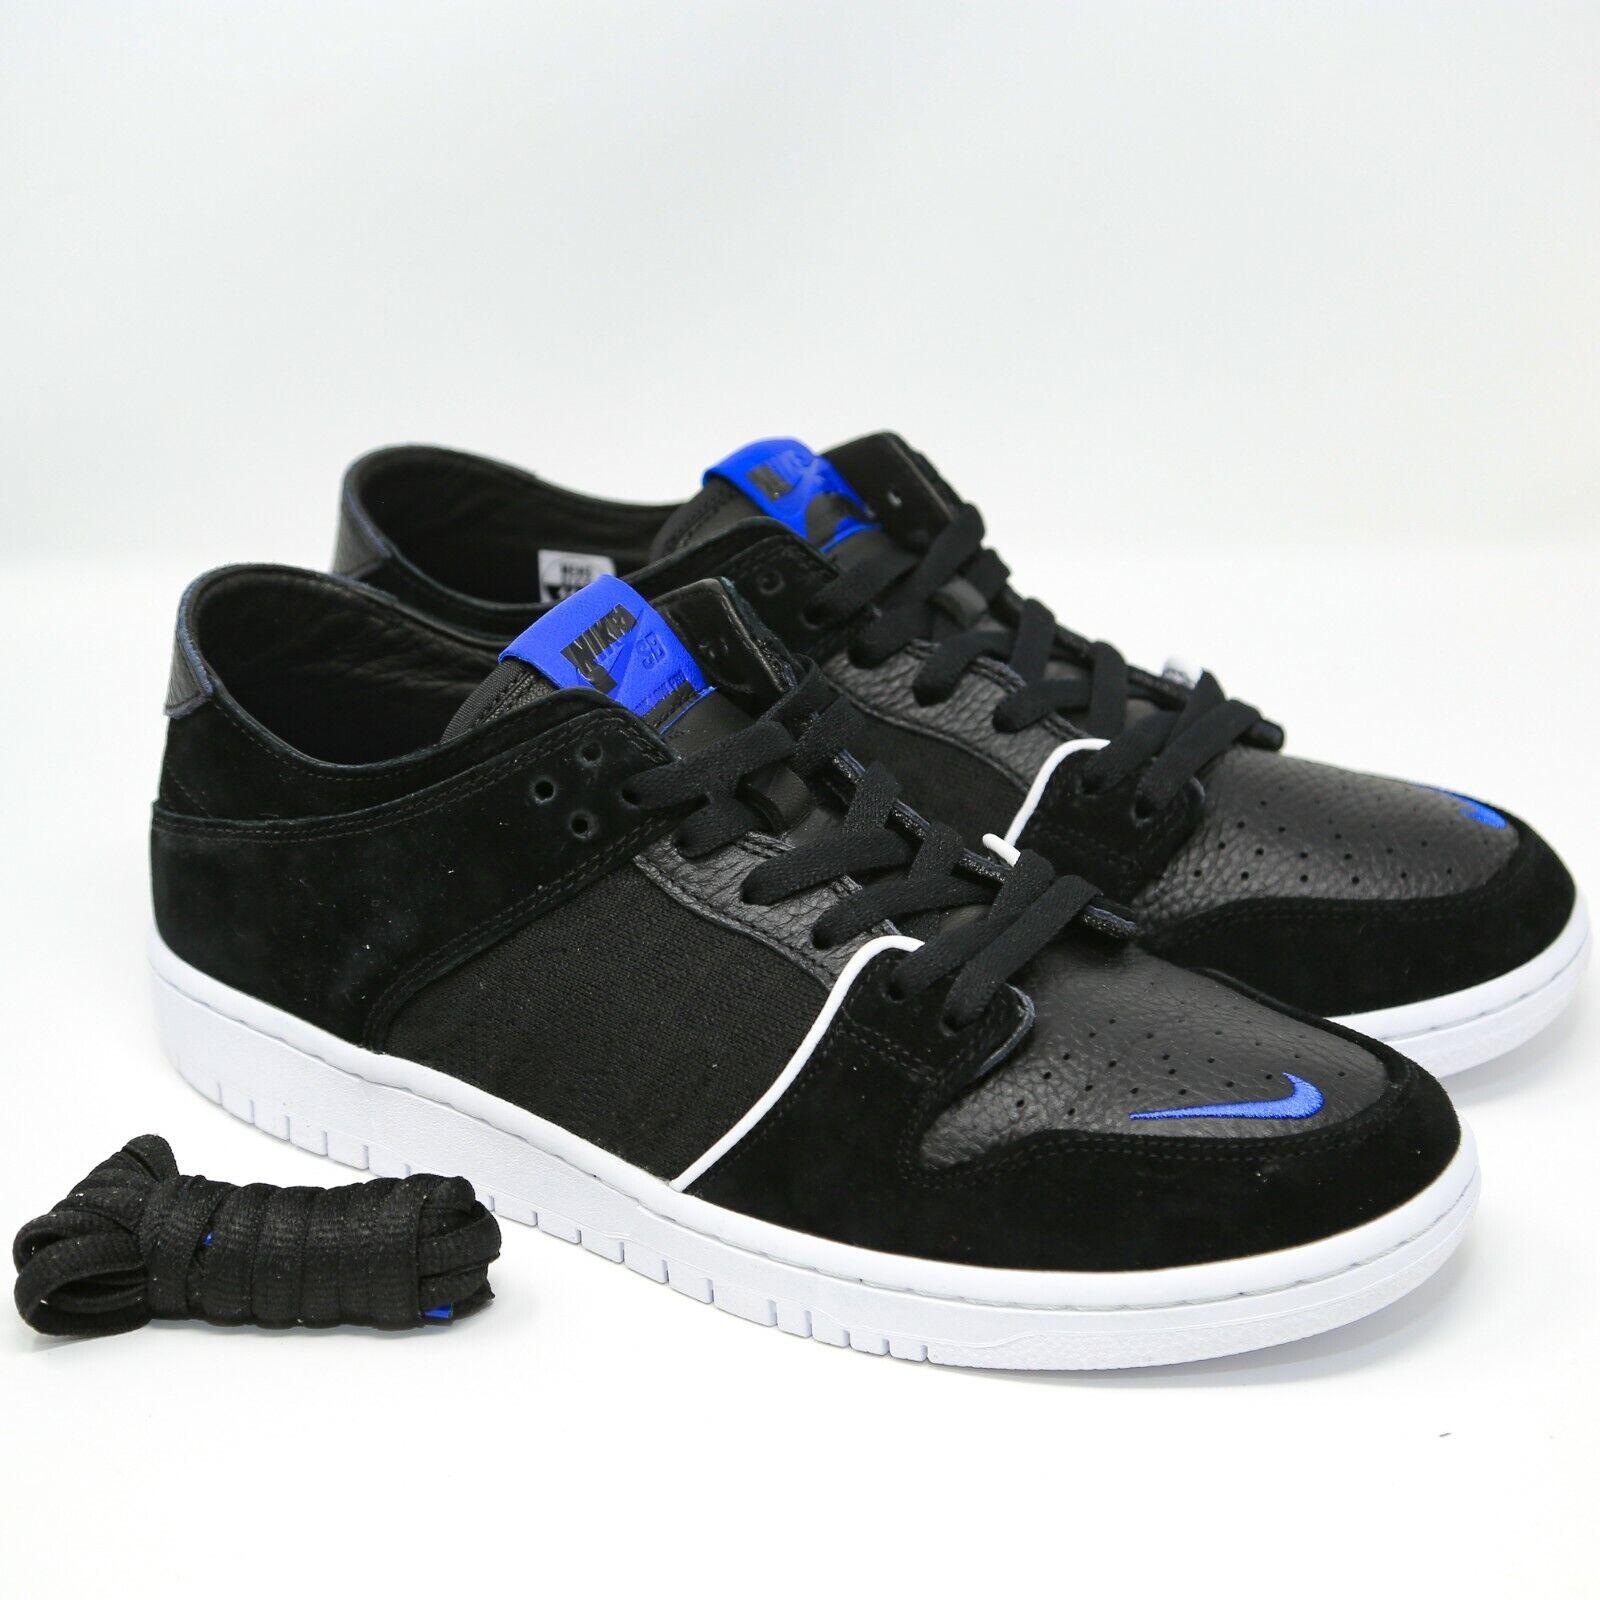 Nike SB Zoom Dunk bajo Pro Qs Soulland viernes día Decon Negro Talla 11.5 918288-041